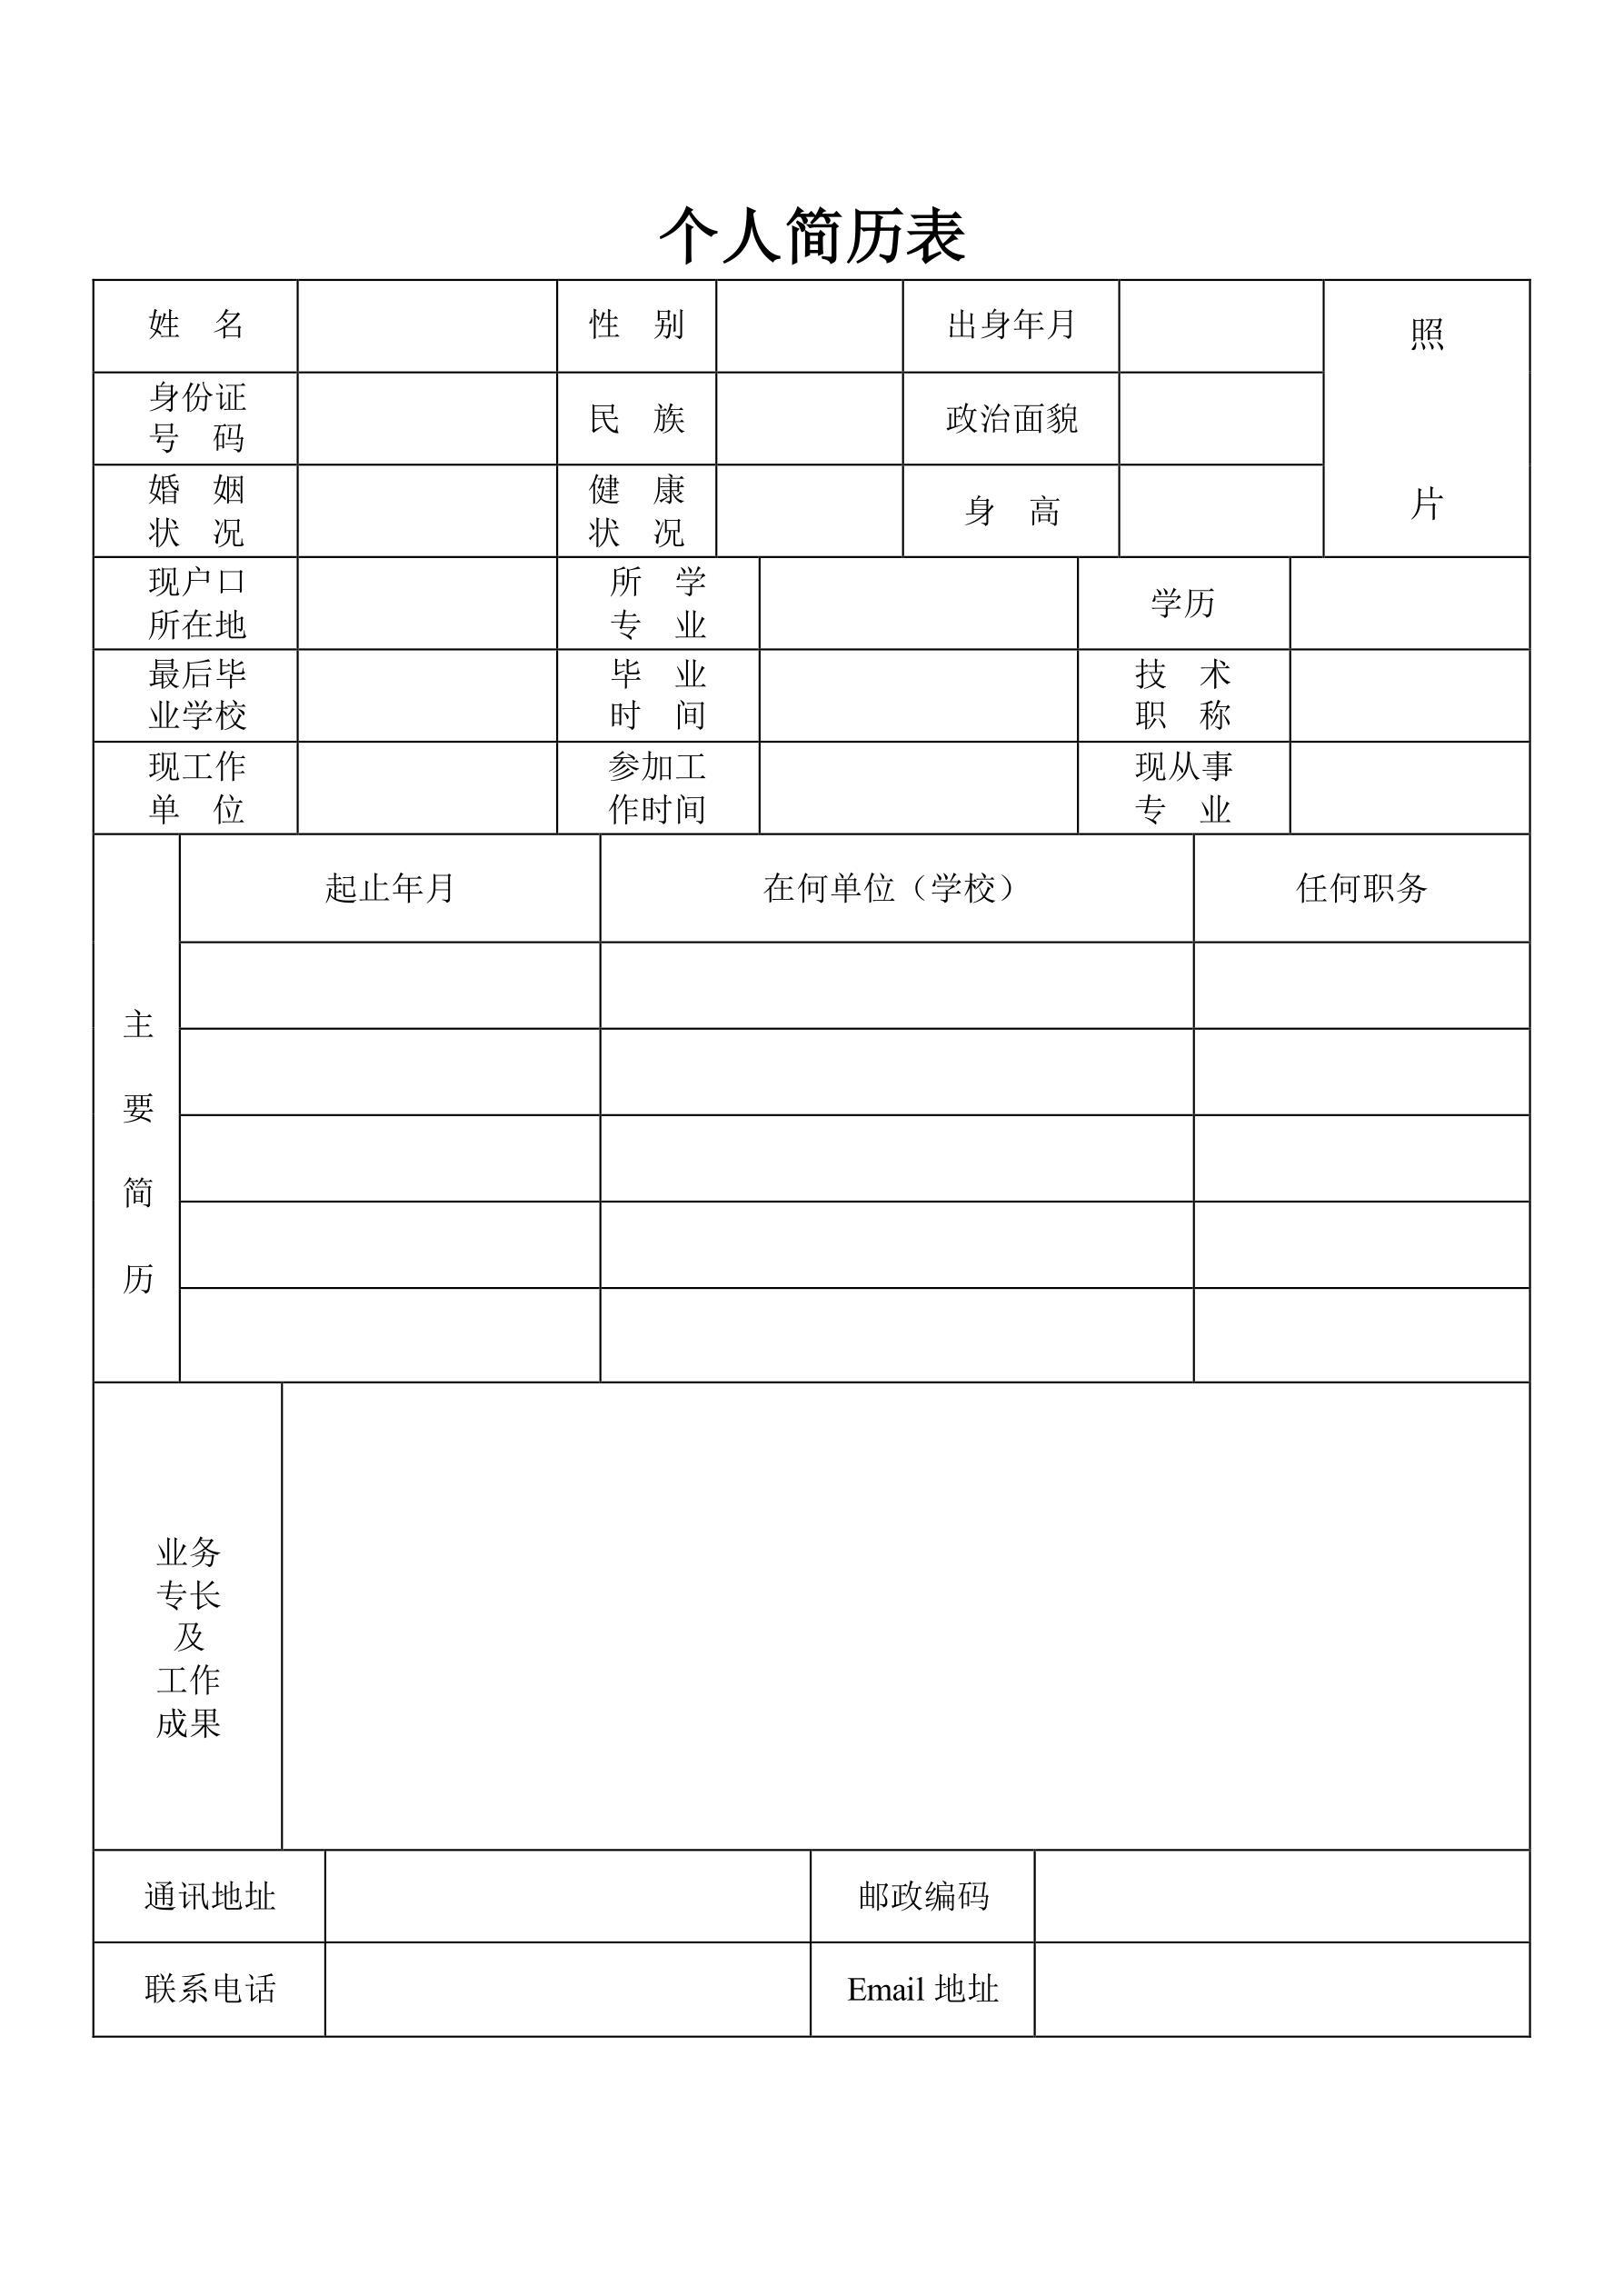 表格简历模板合集(内含多份简历模板)